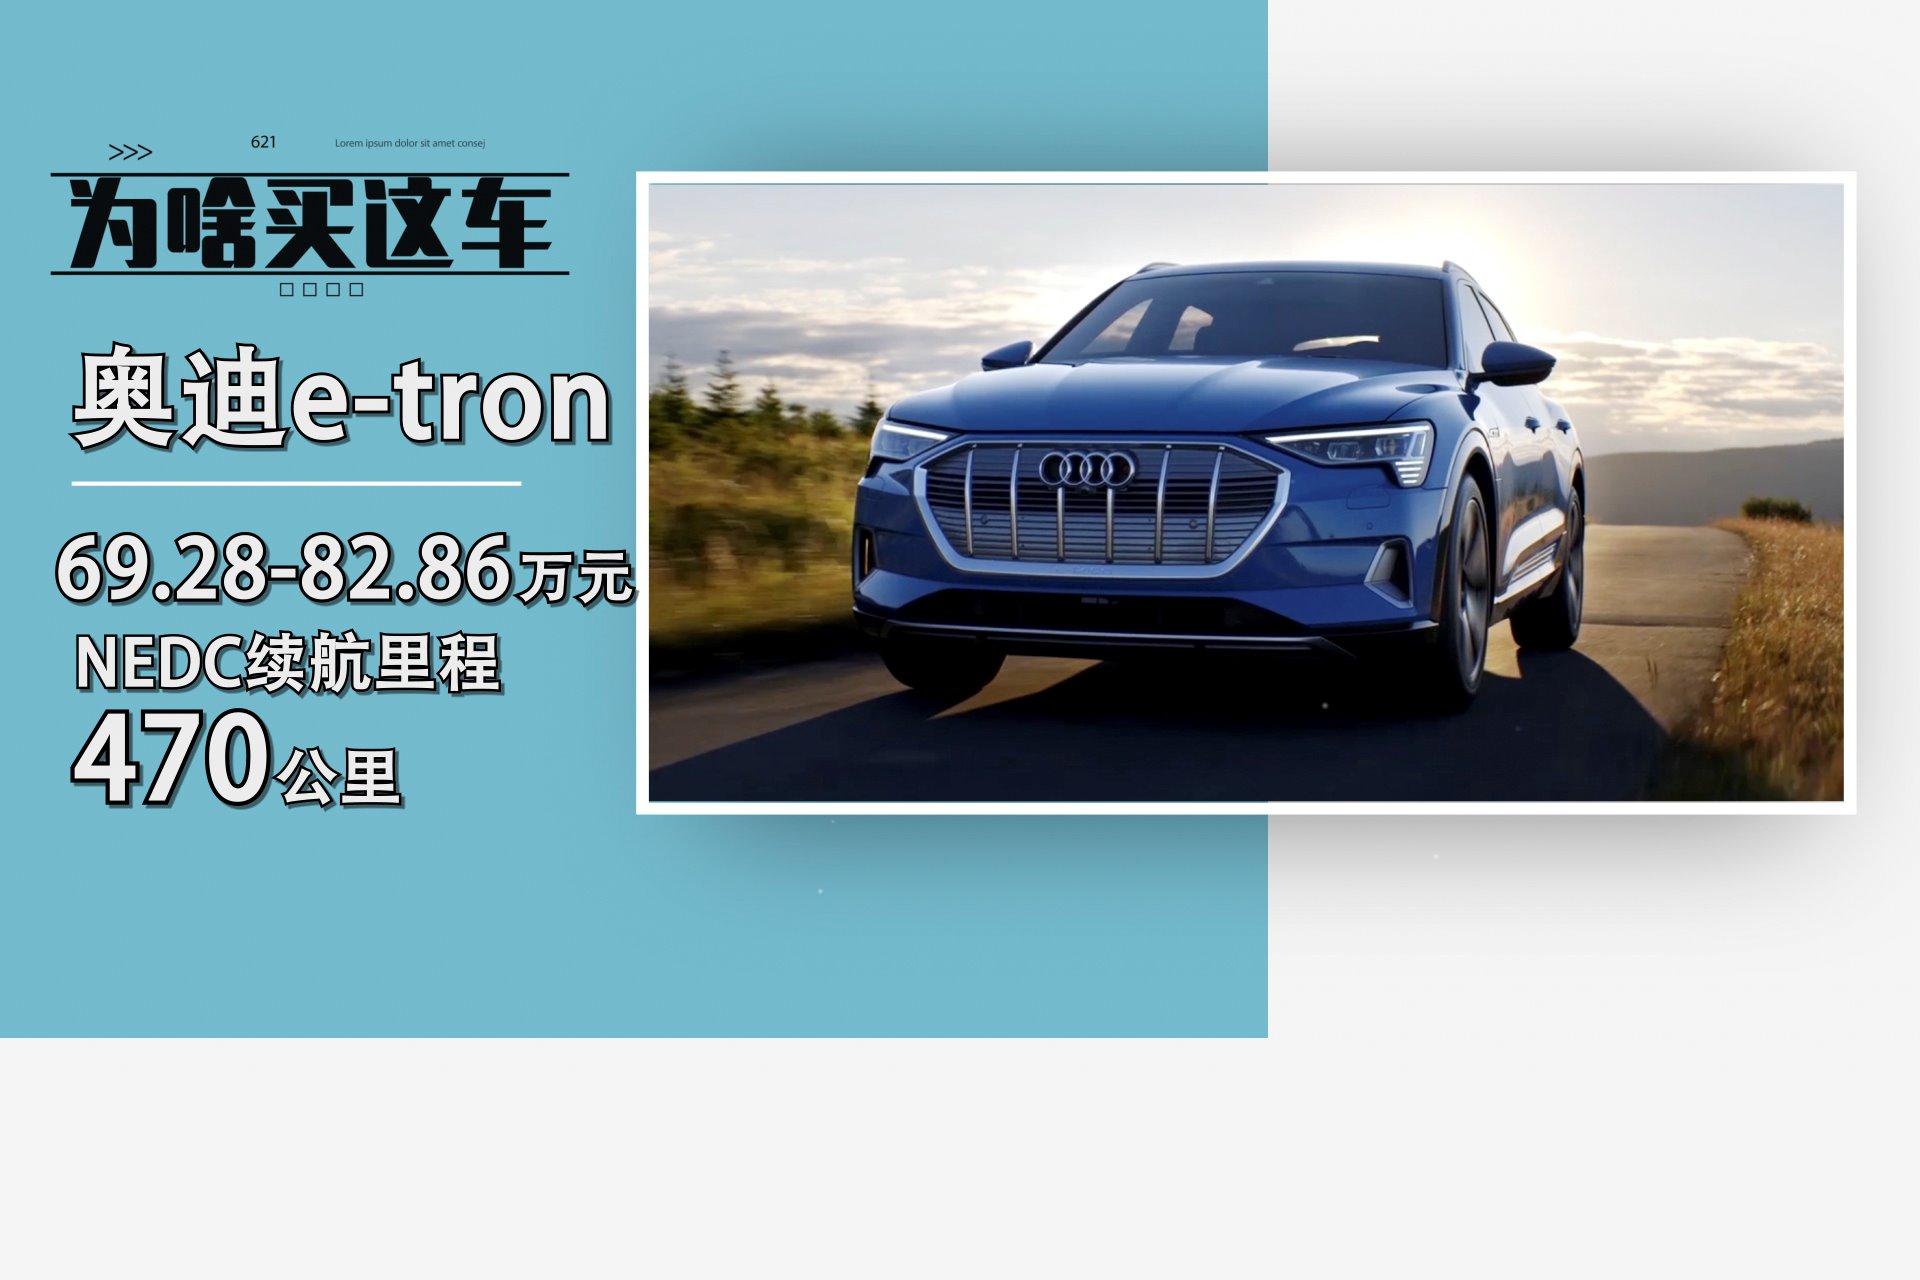 【為啥買這車】奧迪e-tron 始終是一臺純正的奧迪